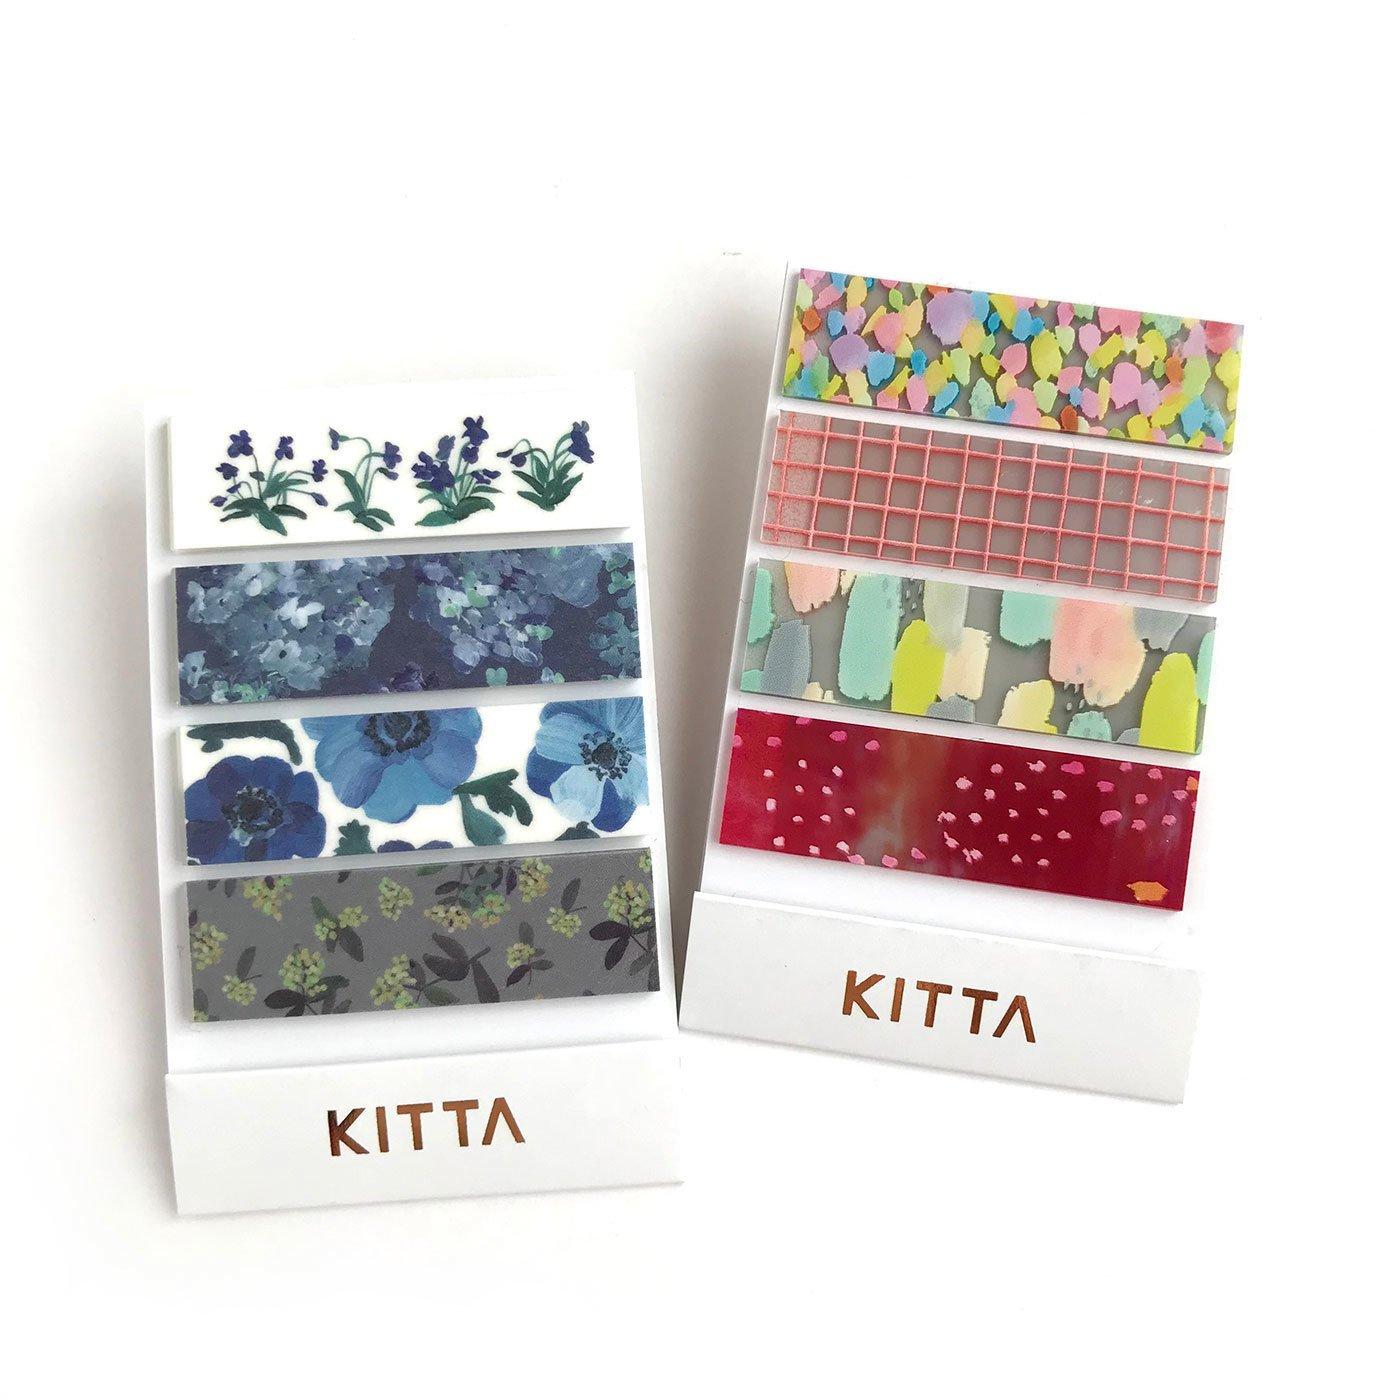 切れてるマスキングテープ「KITTA」透明&定番セットの会